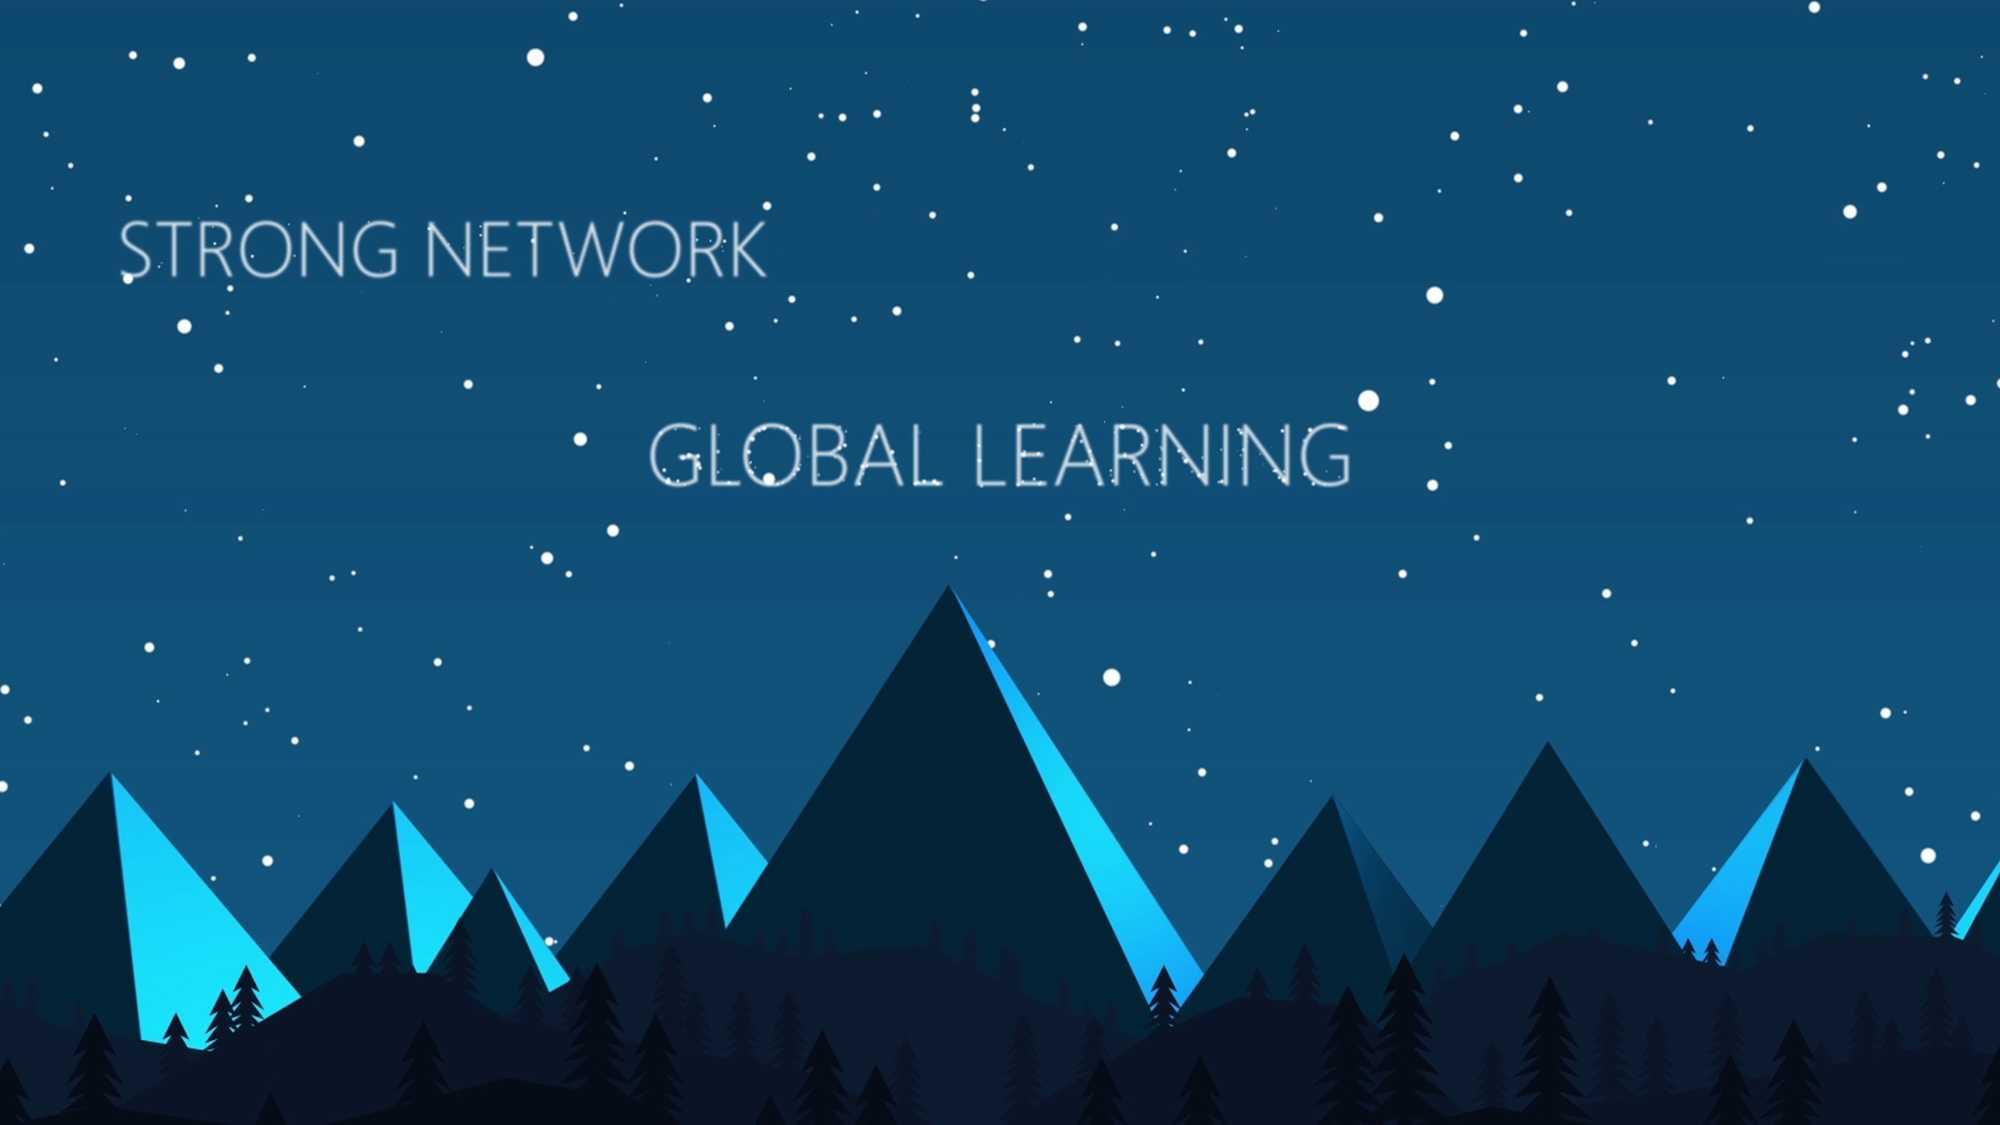 """Das Bild zeigt einen animierten Nachthimmel. Auf dem Boden sind einzelne Berge zu sehen. Ein animierter Text wurde mit in das Bild getracked. Dieser sagt """"Global learning"""" und """"Strong network"""". Das Bild dient als Making Of Bild für den Portfolioeintrag Global Aerospace Campus Erklärfilm von Panda Pictures."""